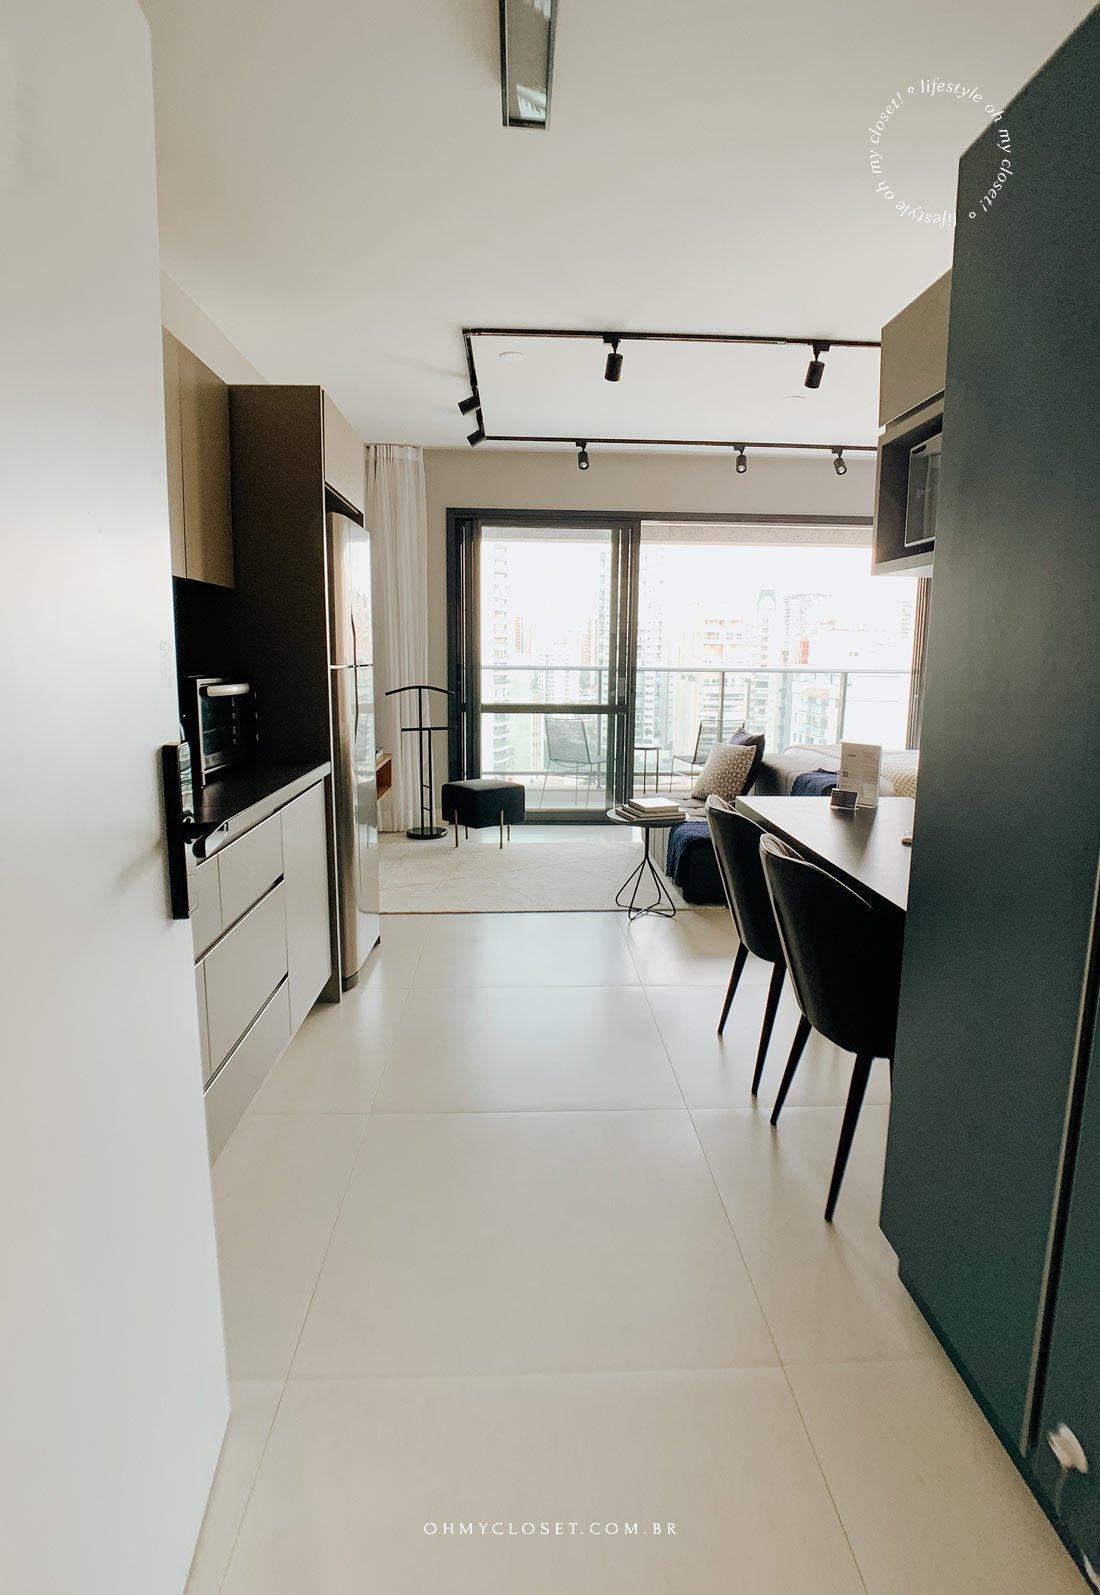 Entrada apartamento studio Casai no Itaim Bibi em São Paulo